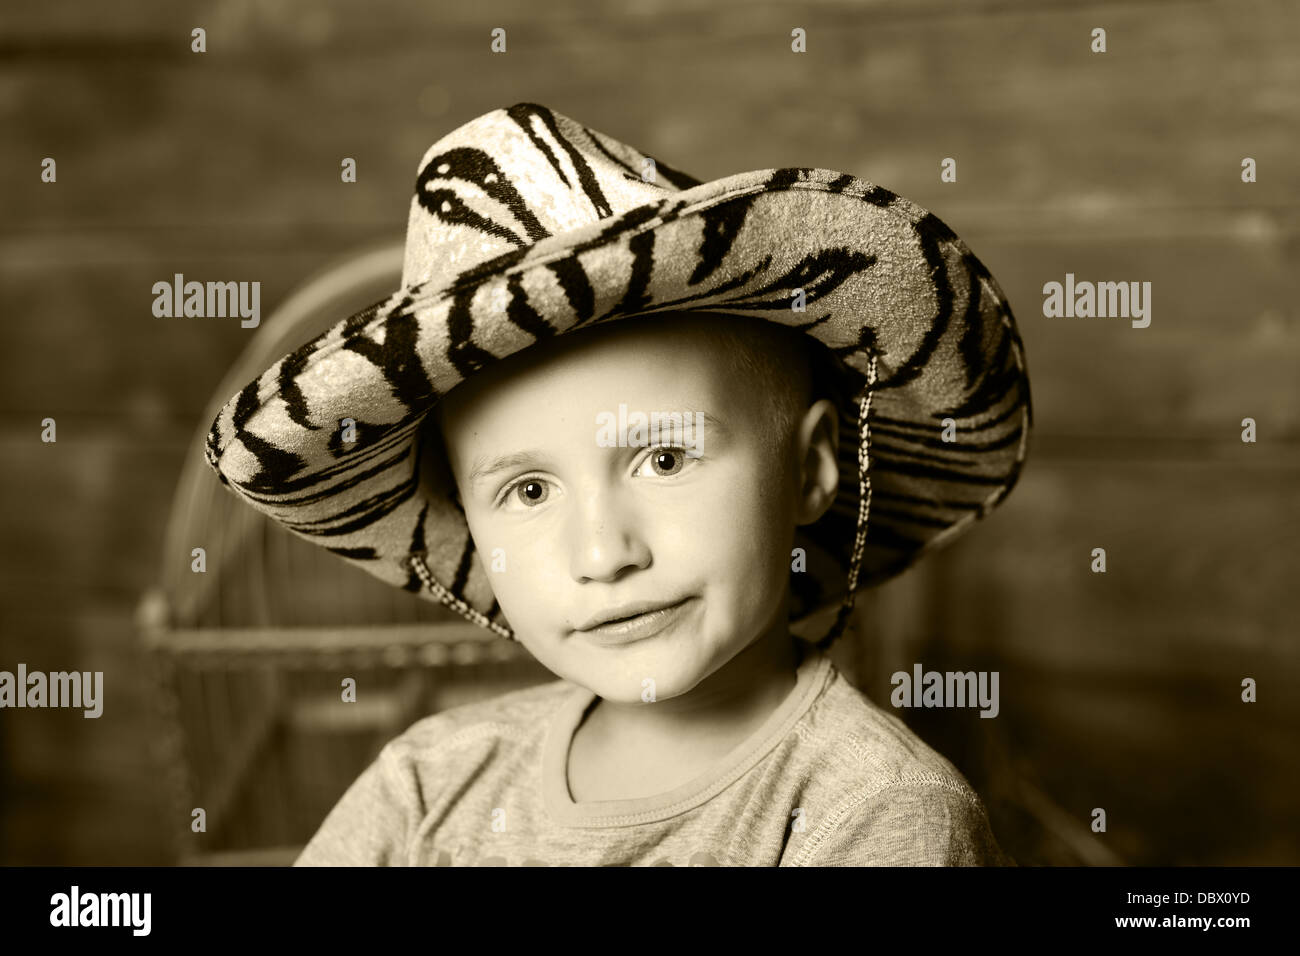 Ragazzo, bambino, countree, occhio, cappello, LEEP, portret, sorriso, paglia, teen, villaggio, giovani Immagini Stock